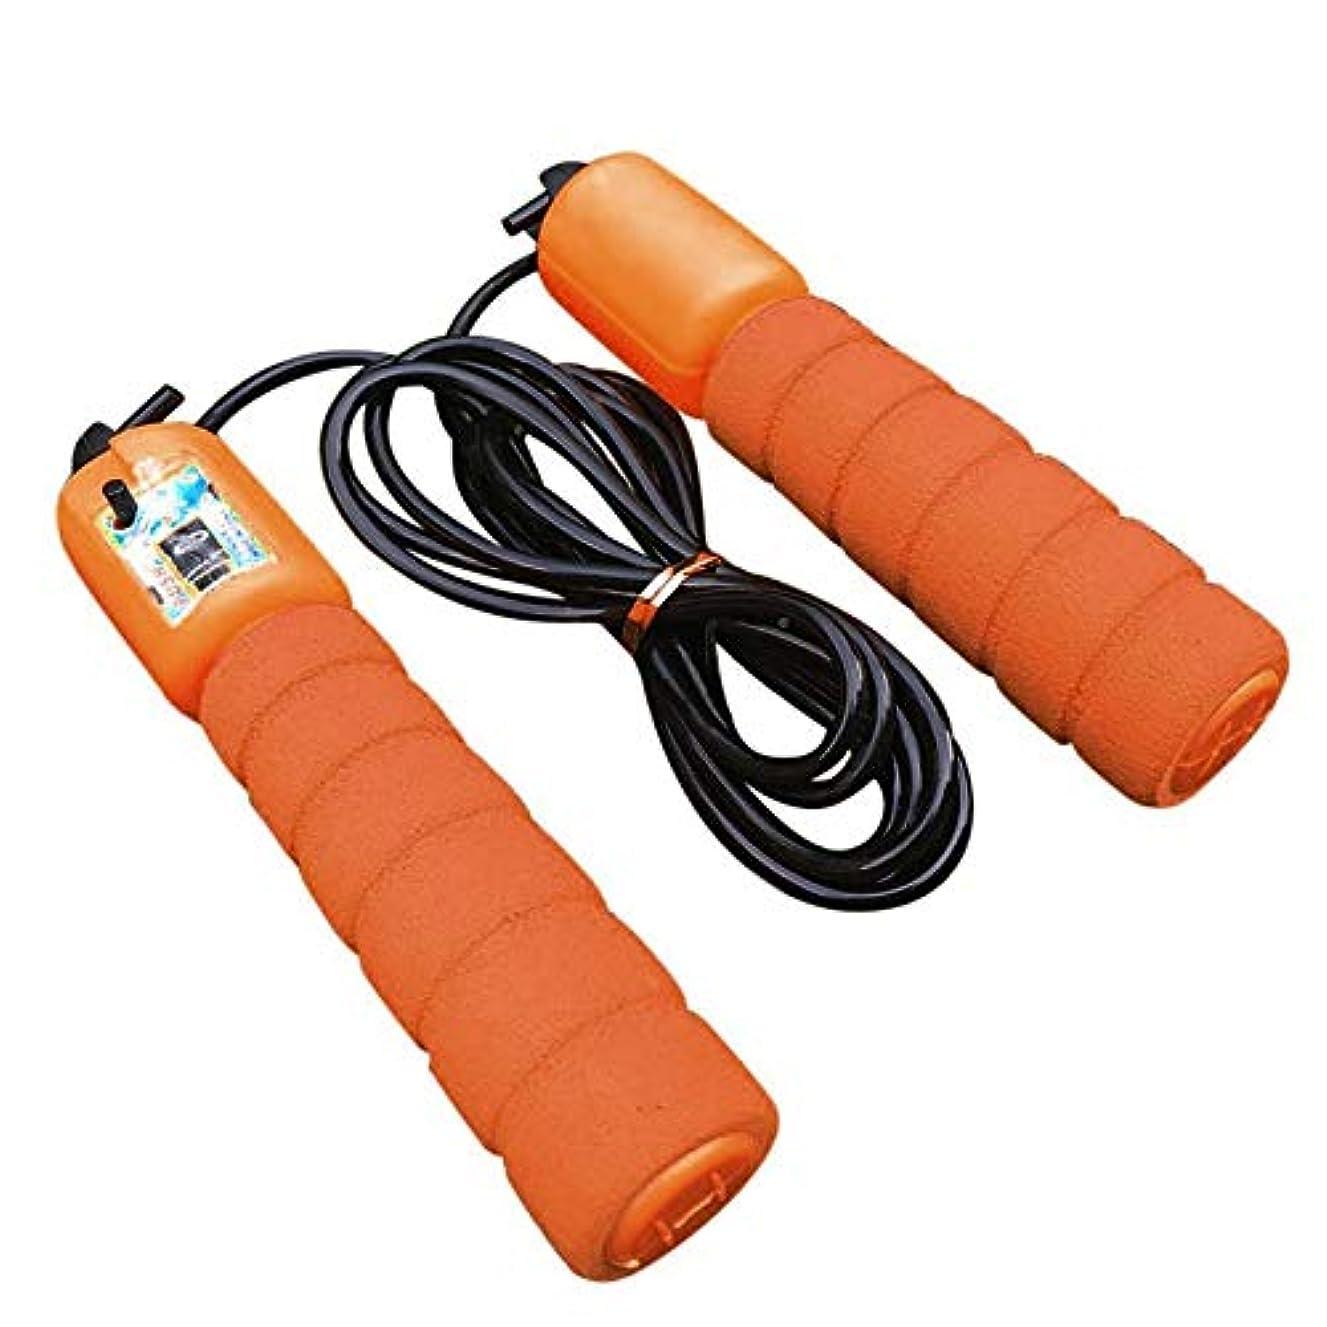 履歴書おじいちゃん刺す調整可能なプロフェッショナルカウントスキップロープ自動カウントジャンプロープフィットネスエクササイズ高速スピードカウントジャンプロープ-オレンジ